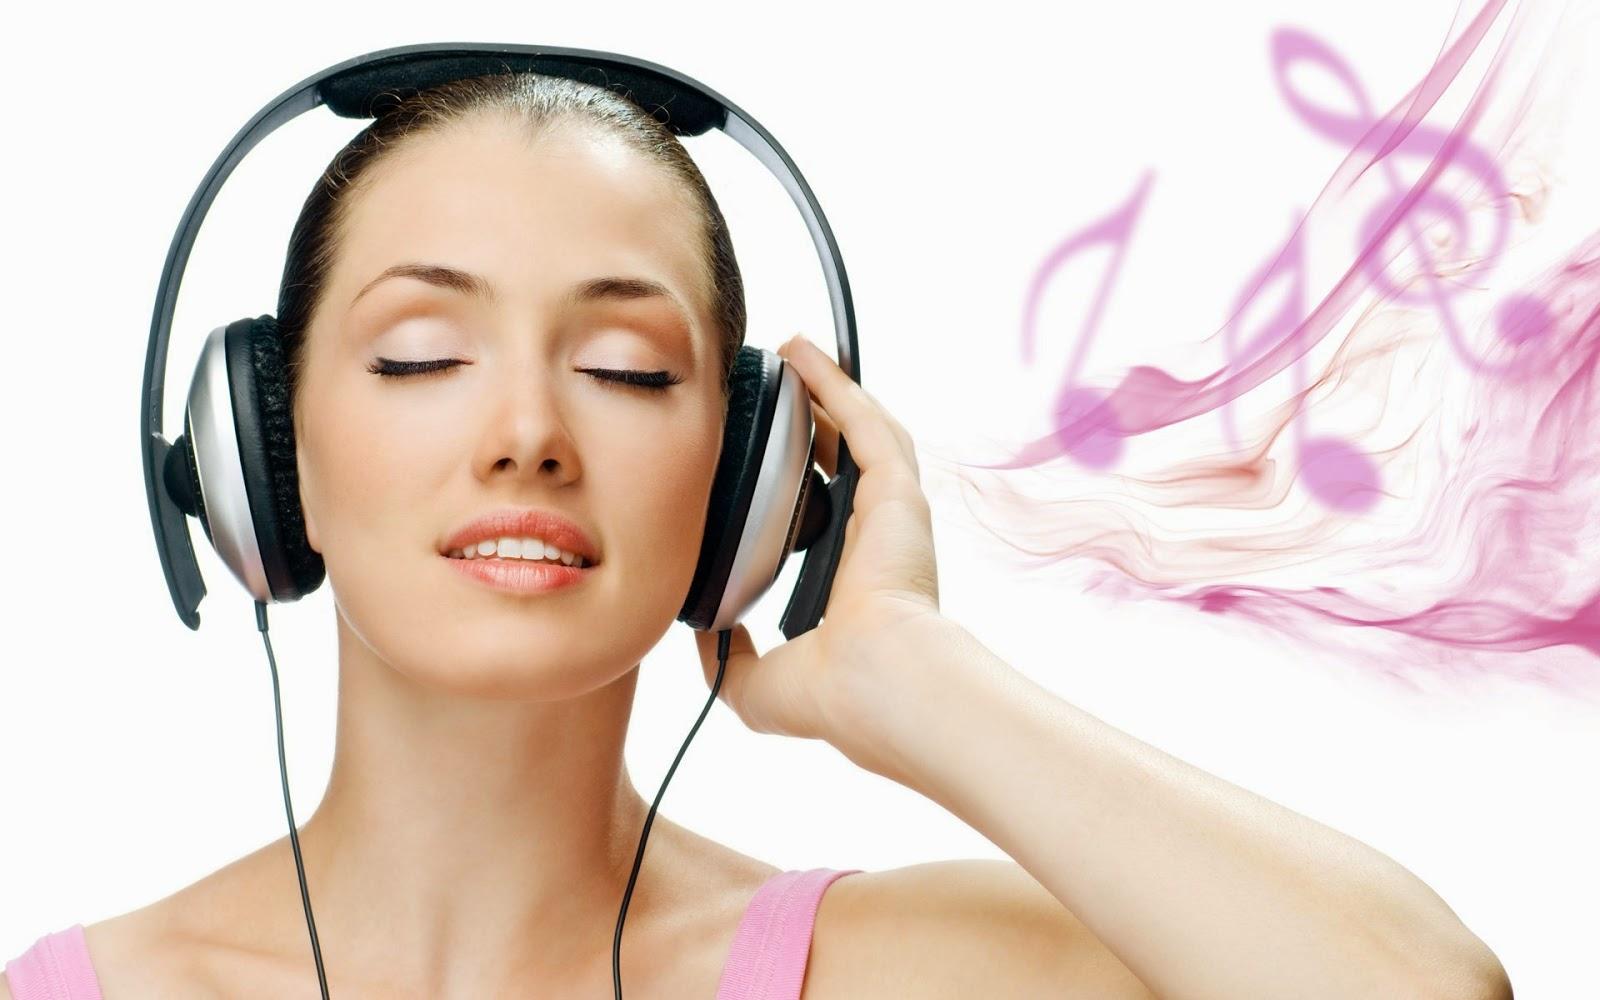 play music | 41studio